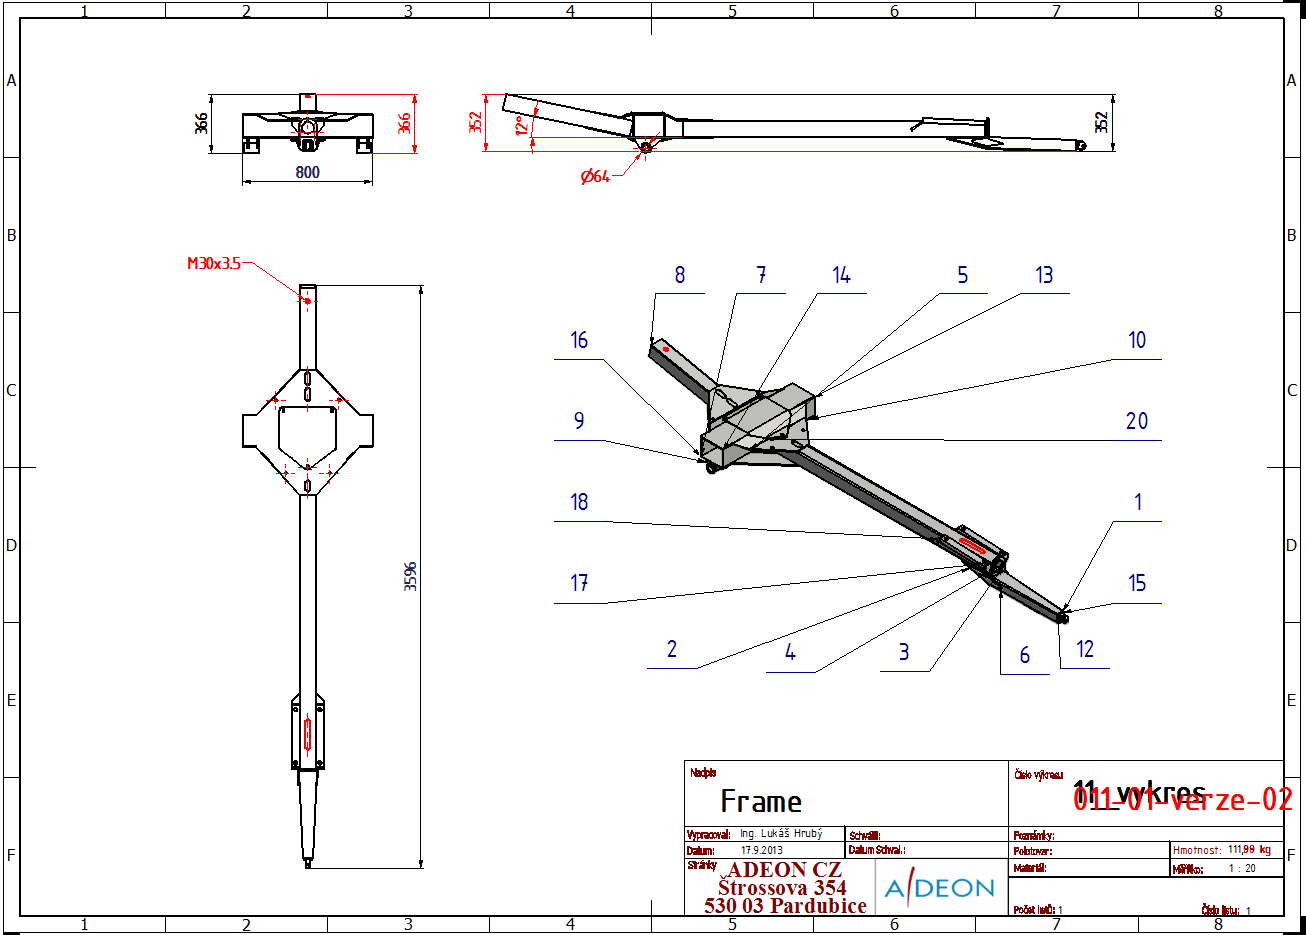 Autodesk Vault - Porovnání výkresů